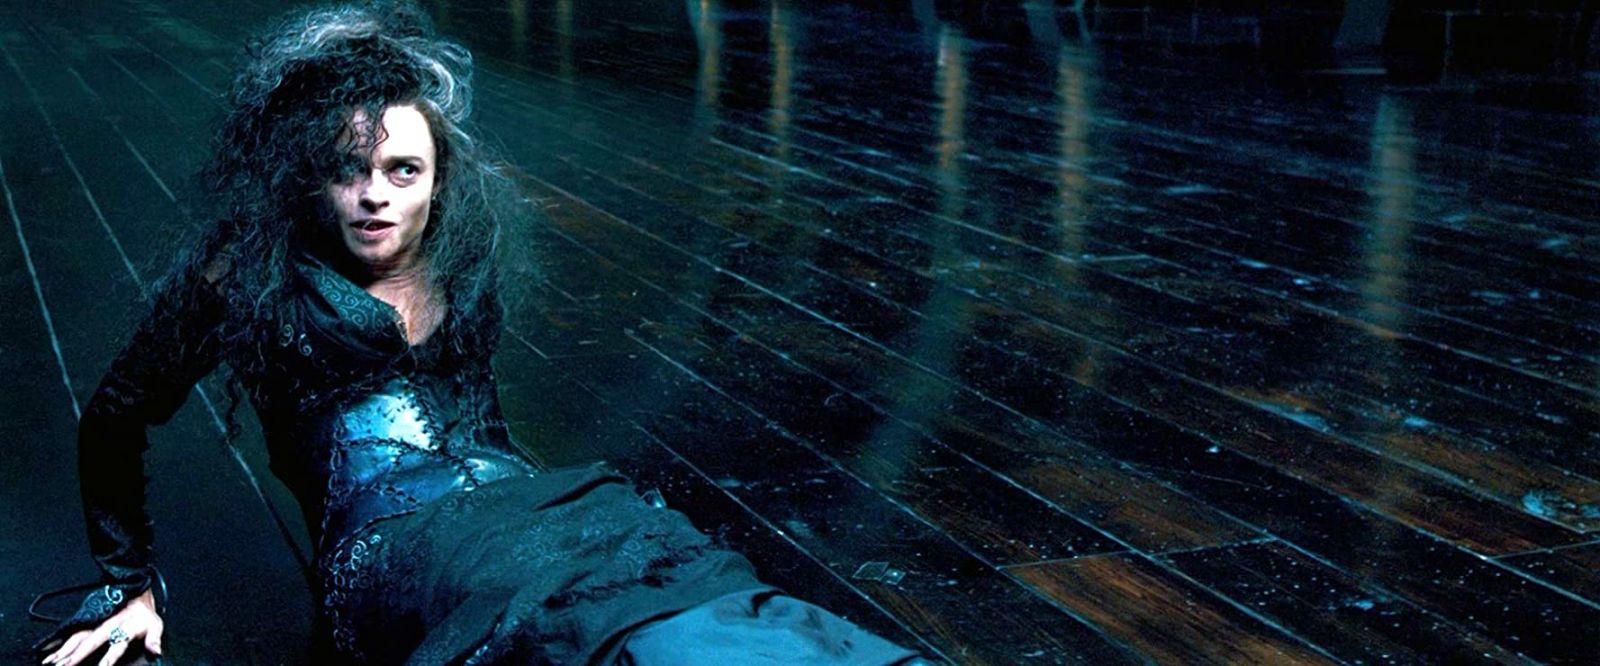 Как снимались фильмы о Гарри Поттере: история создания костюмов волшебников — фото 6